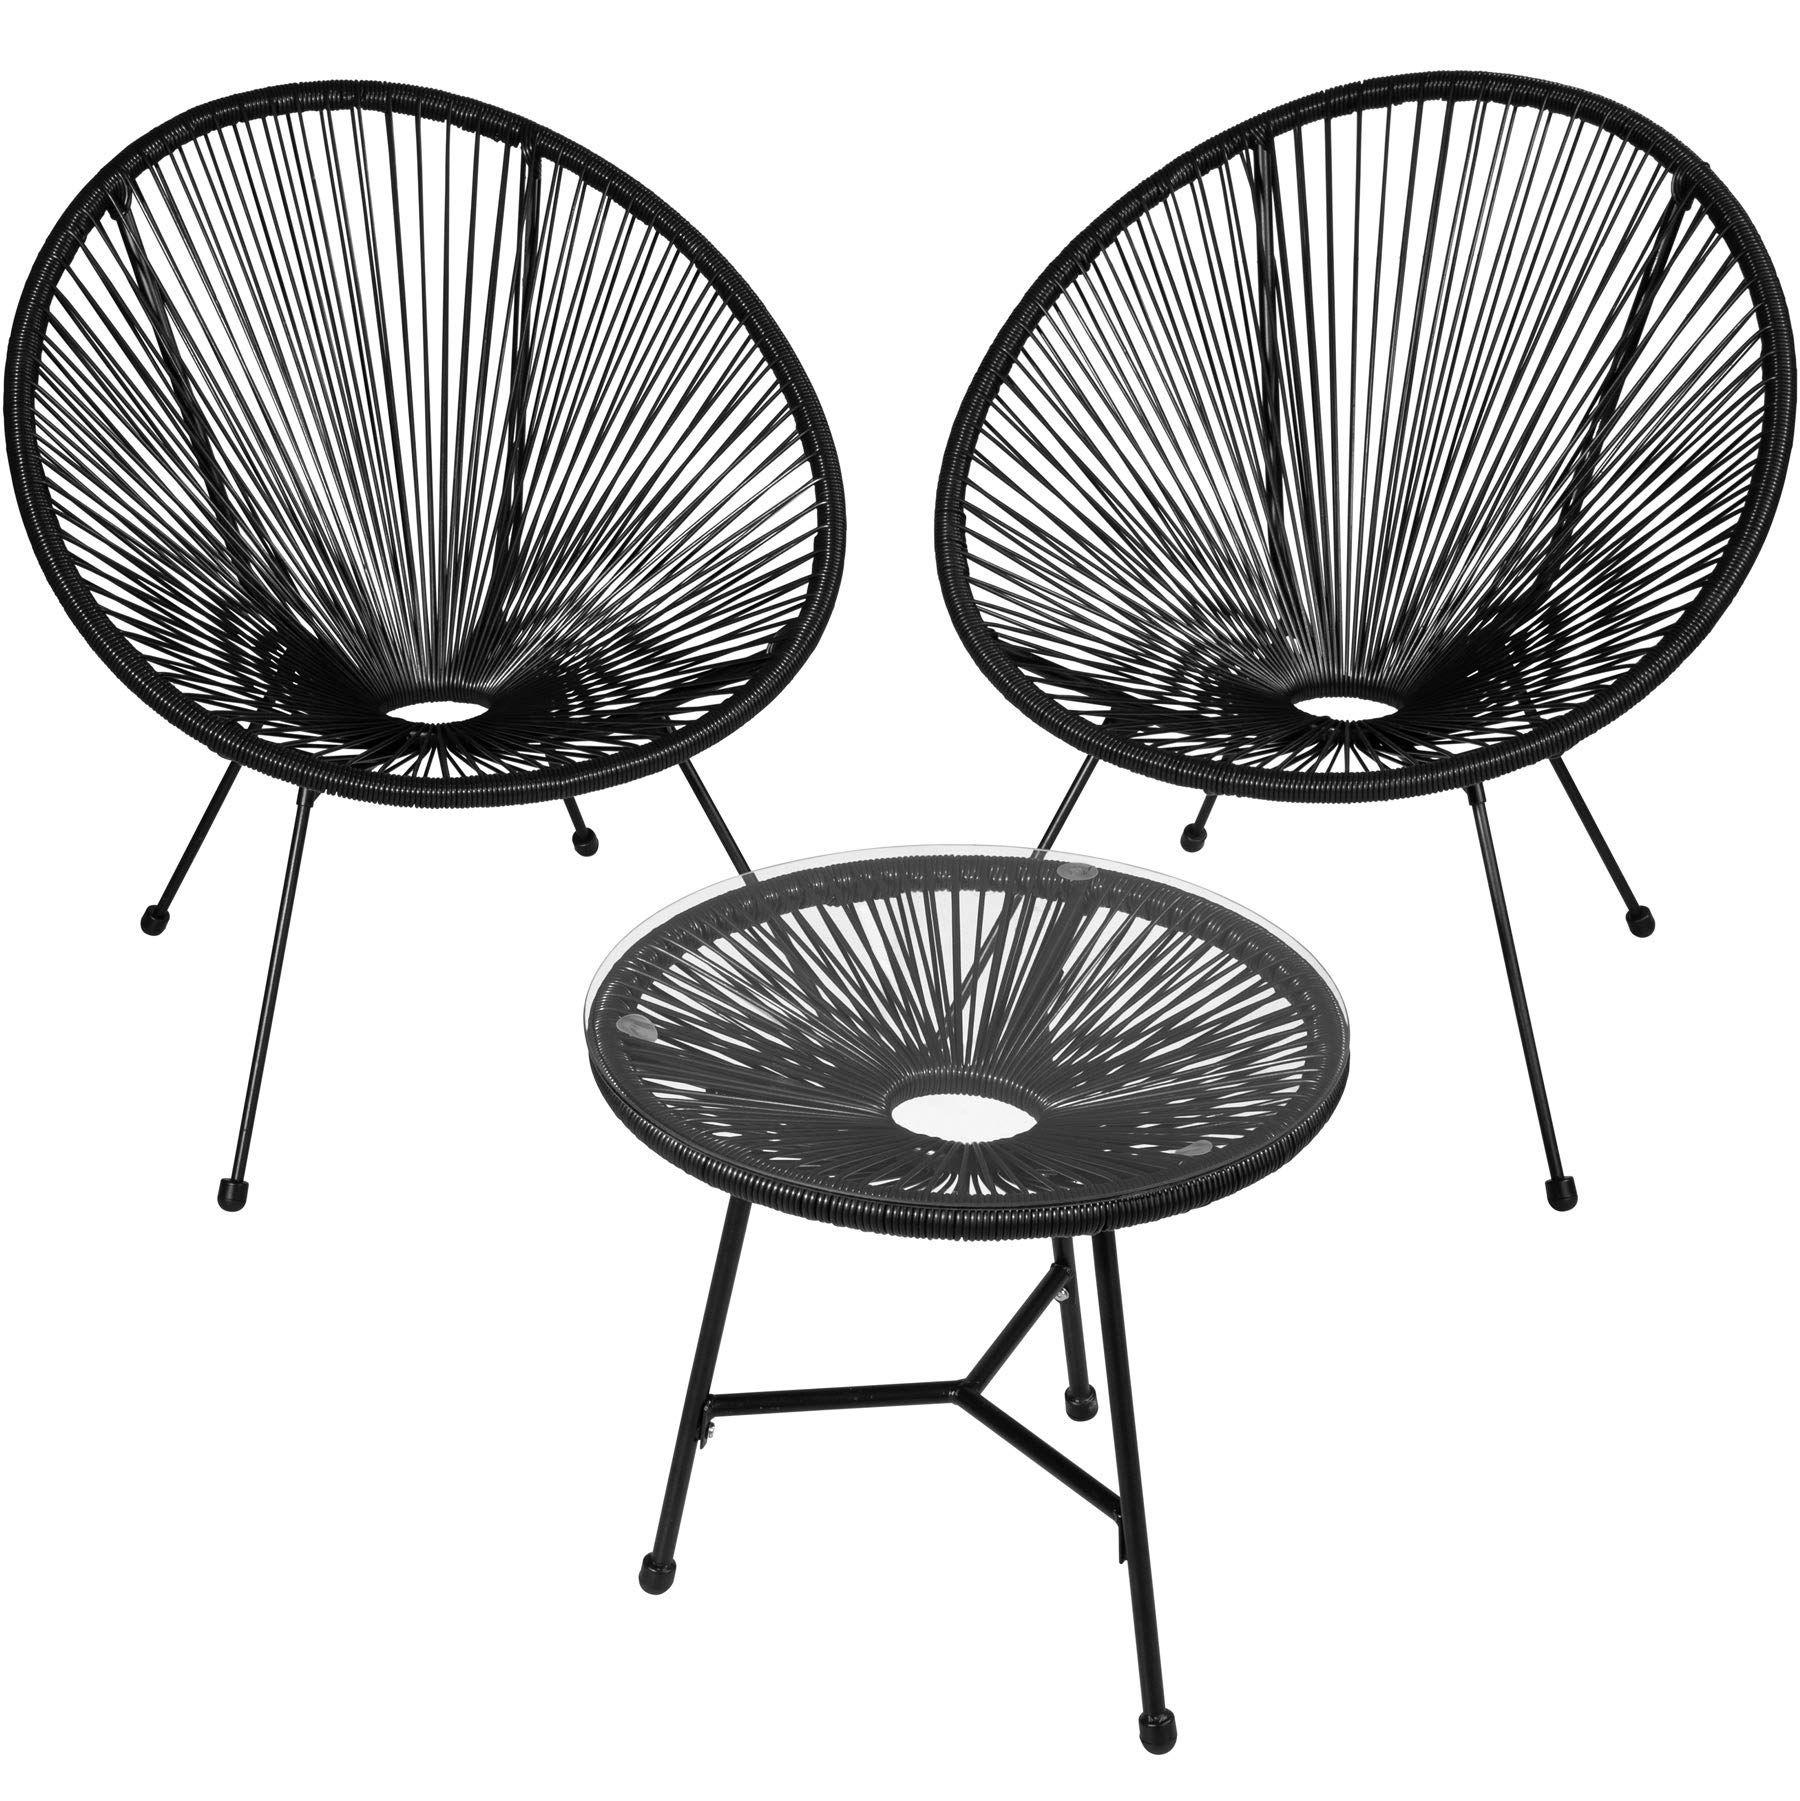 Amazon De Tectake 800730 2er Set Acapulco Garten Stuhl Mit Tisch Lounge Sessel Im Retro Design Indoor Und Outdoor Gartenstuhle Balkonstuhle Garten Essgruppe